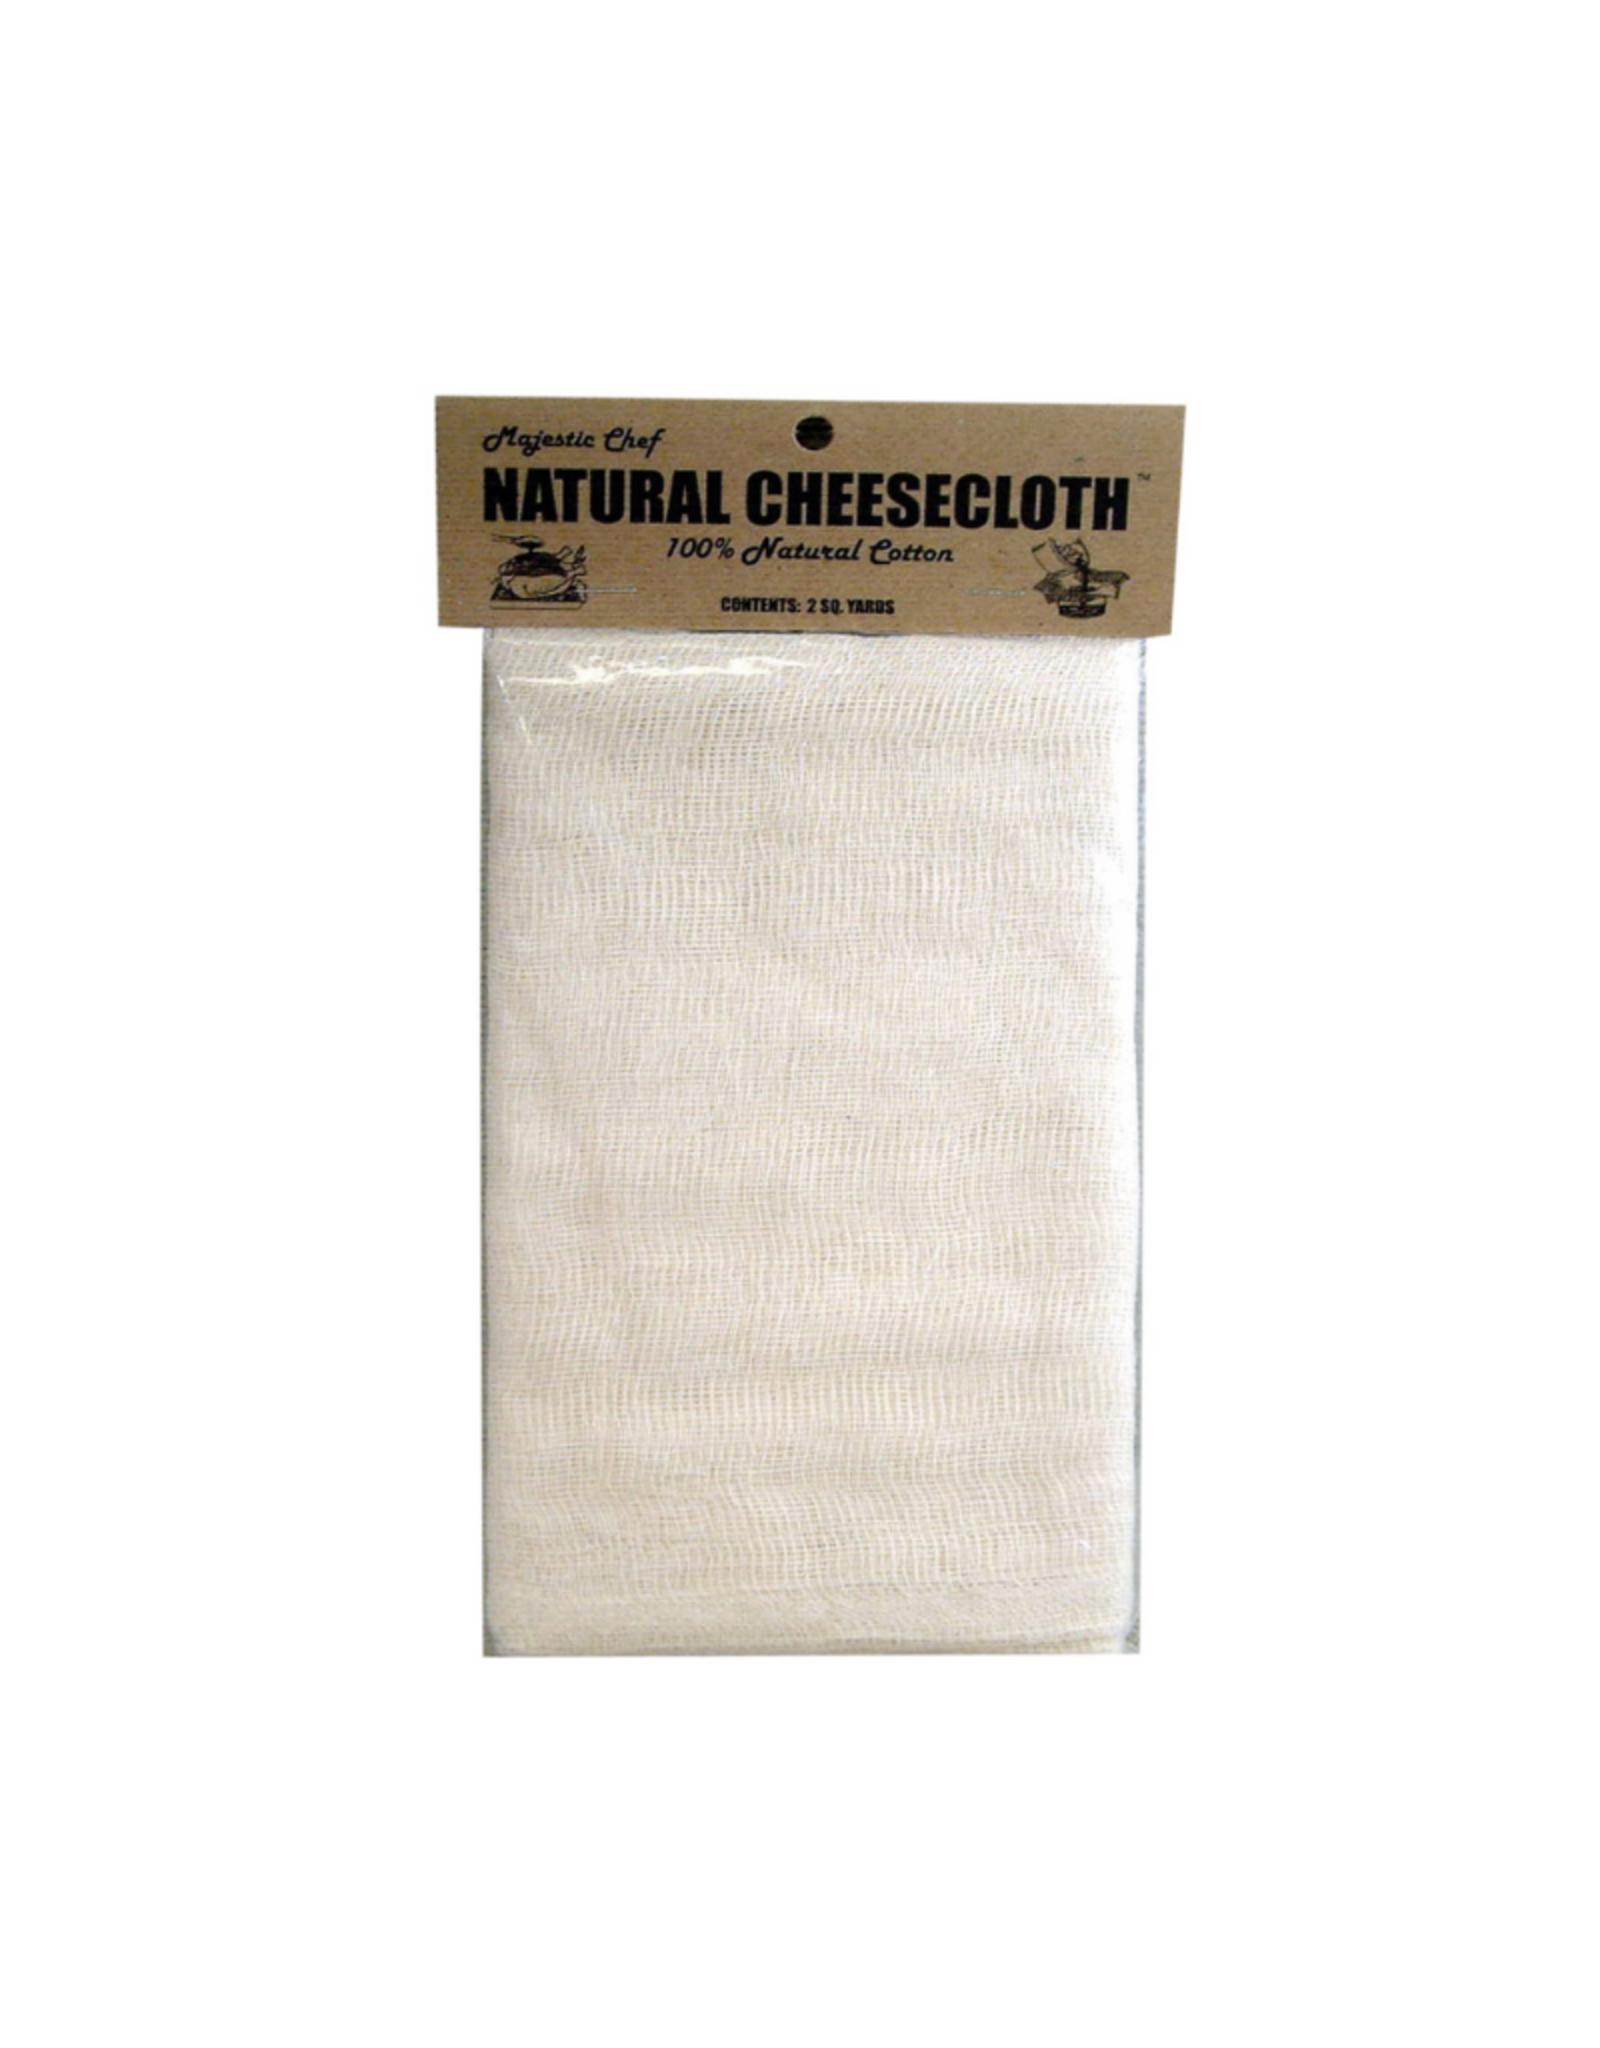 Étamine naturelle (coton fromage) 1.7 m2